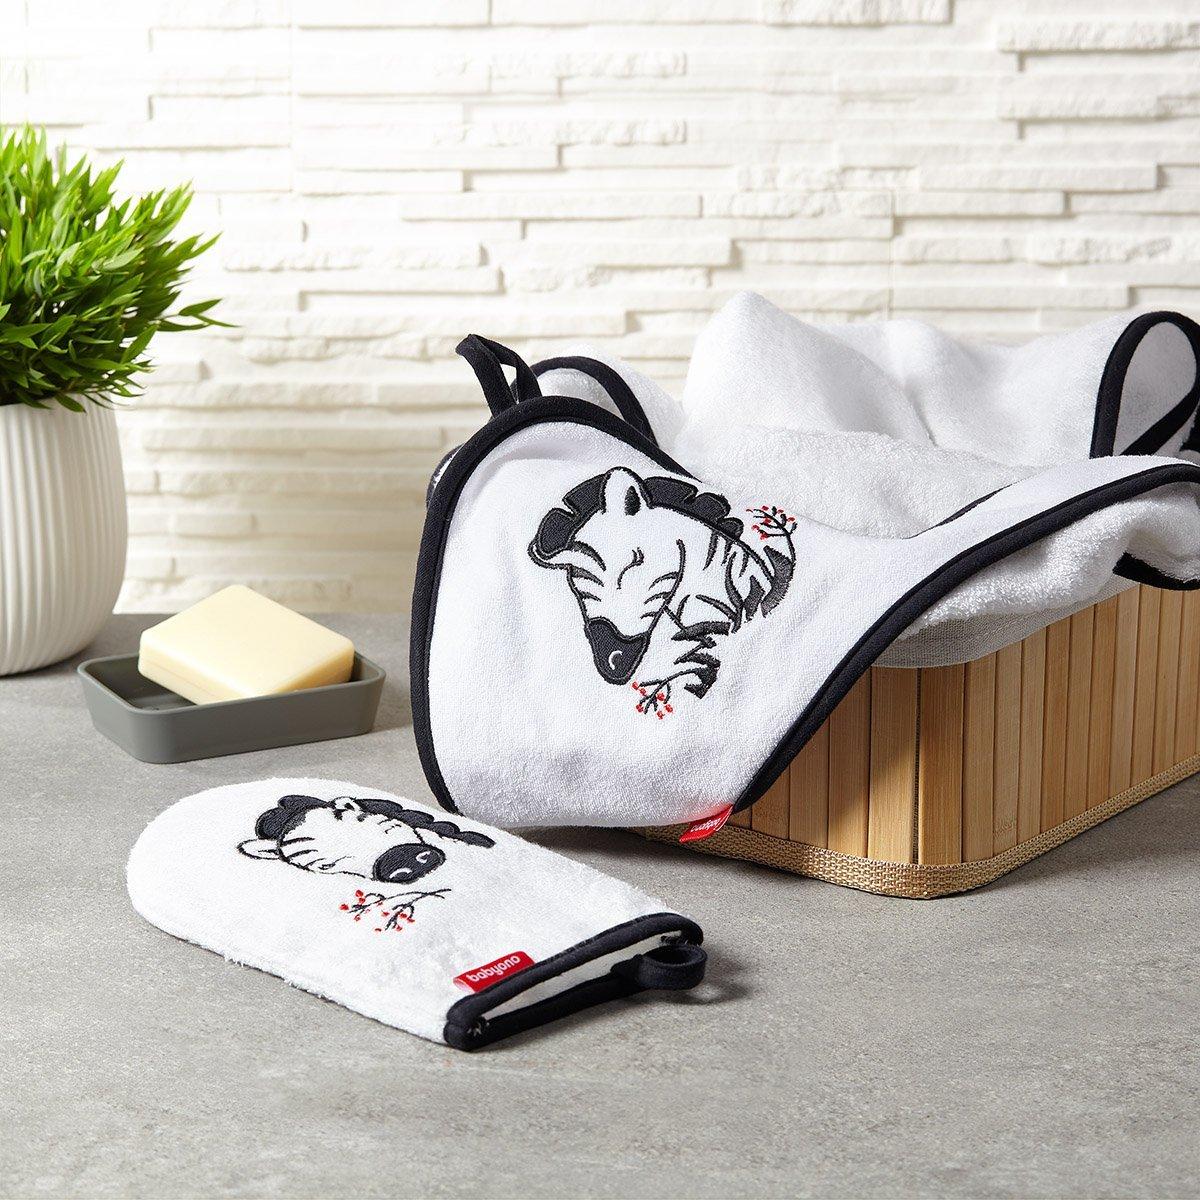 Bambusov� �inka na k�panie NATURAL Zebra bielo �ierna - zv��i� obr�zok